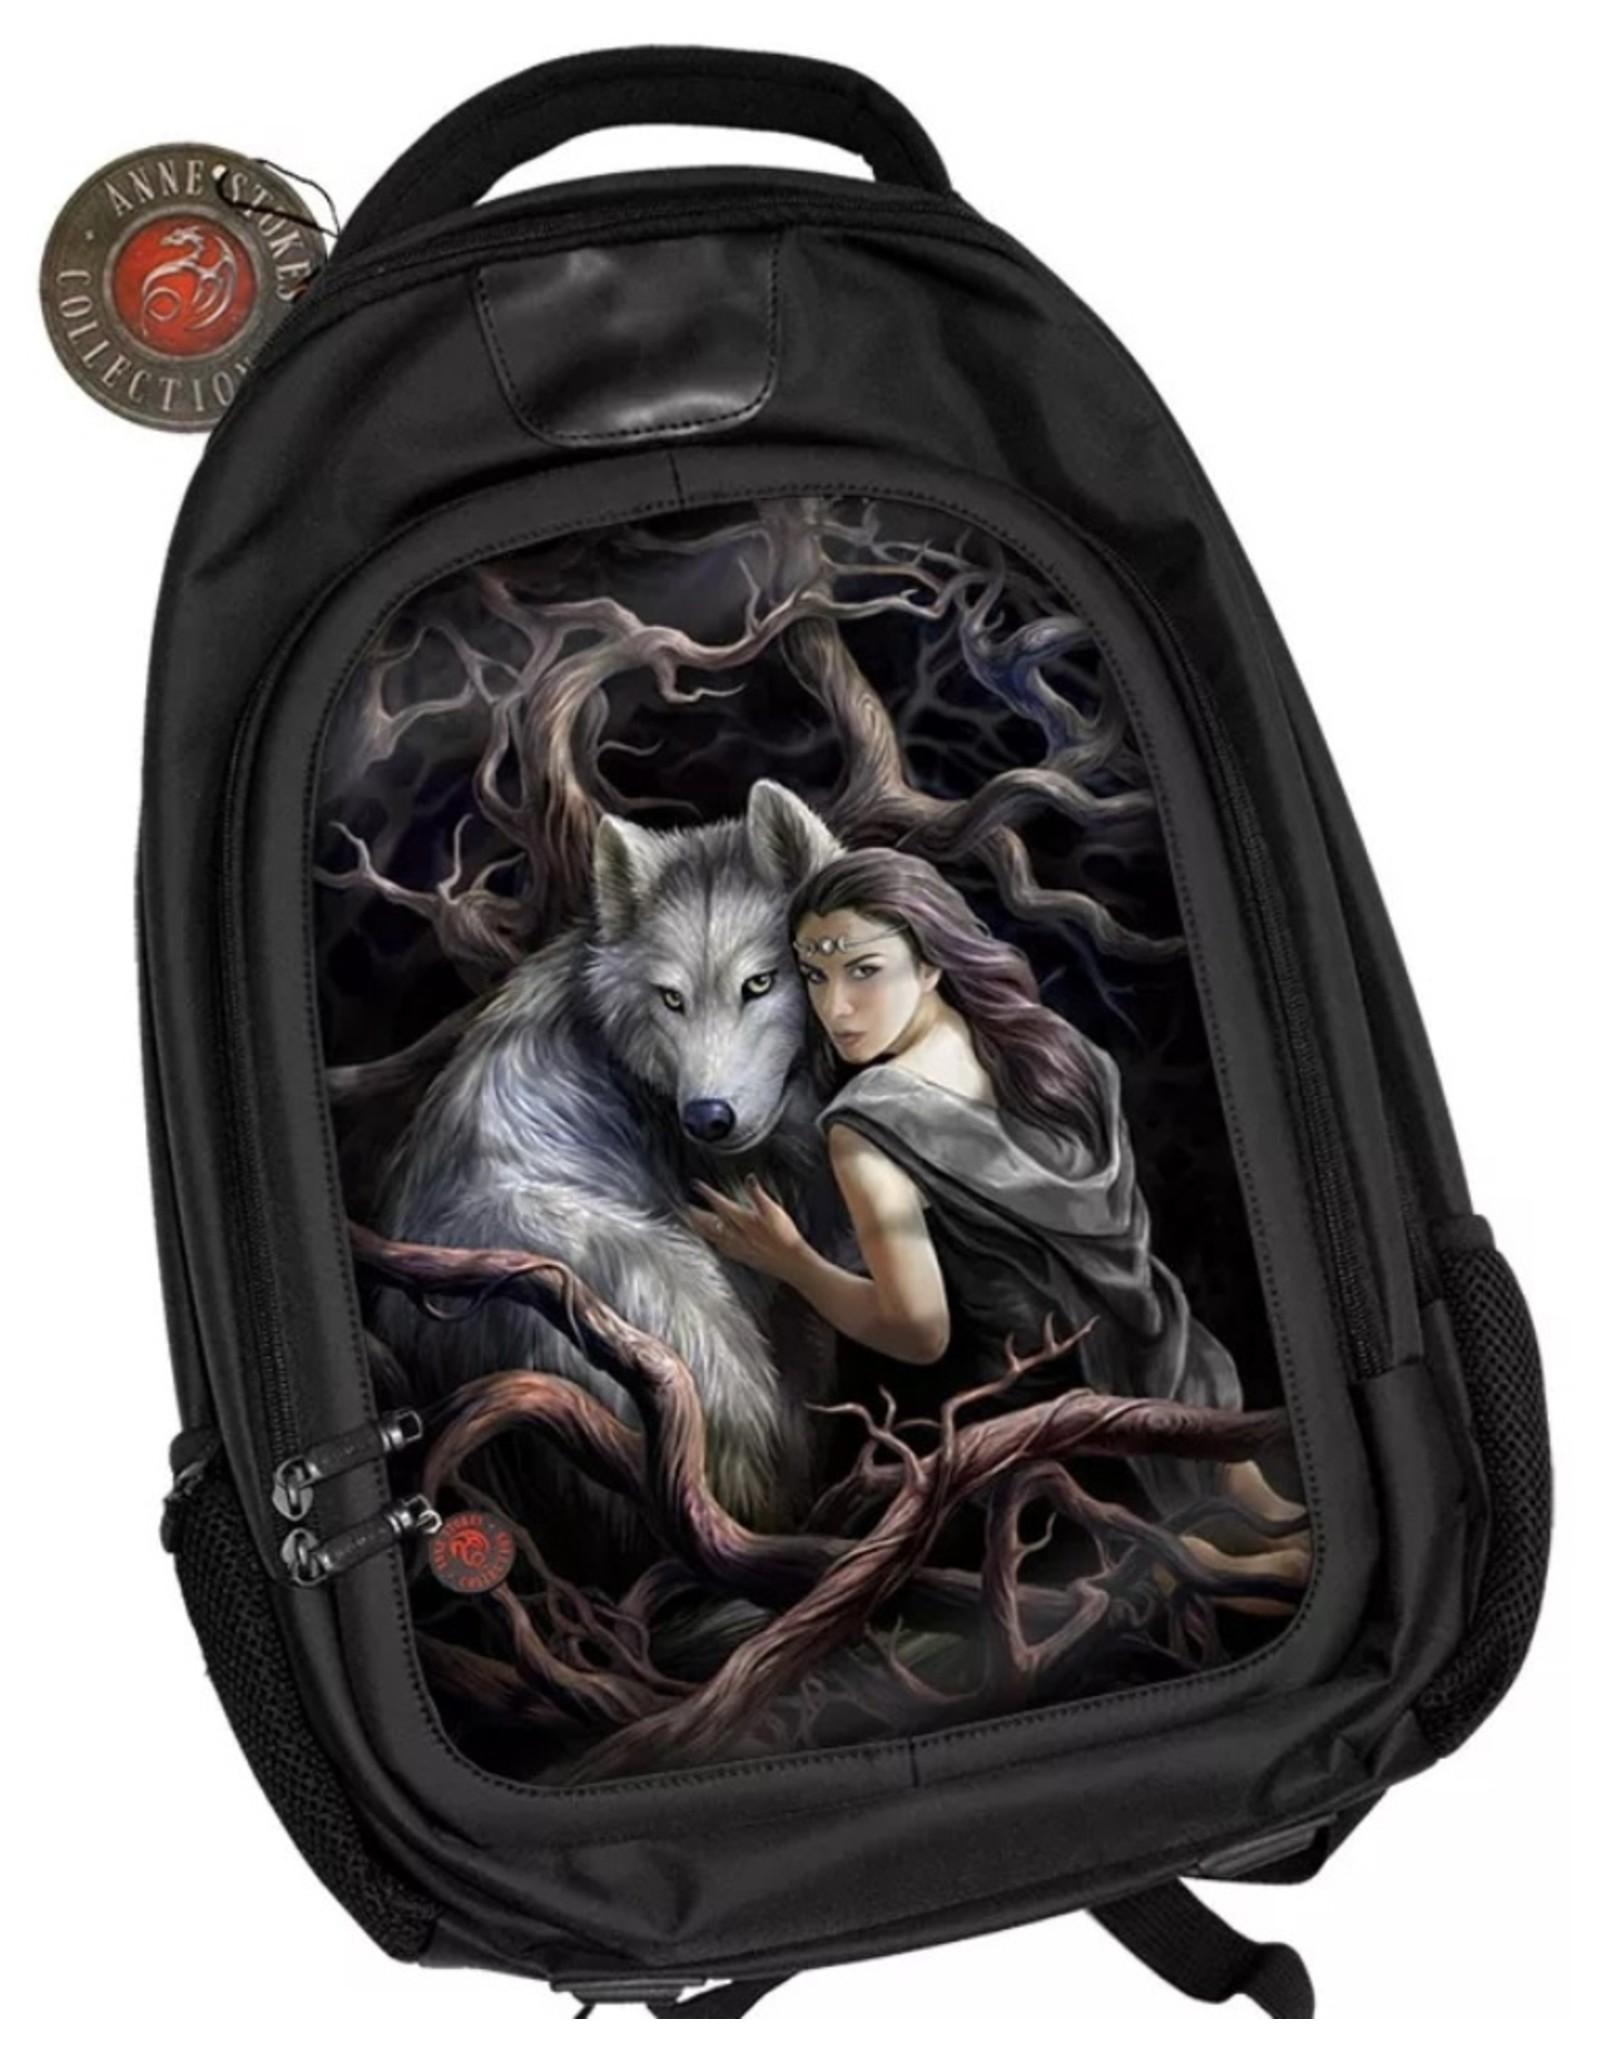 Anne Stokes Gothic tassen Steampunk tassen -  Anne Stokes 3D rugzak Soul Bond (Gothic Collectie)